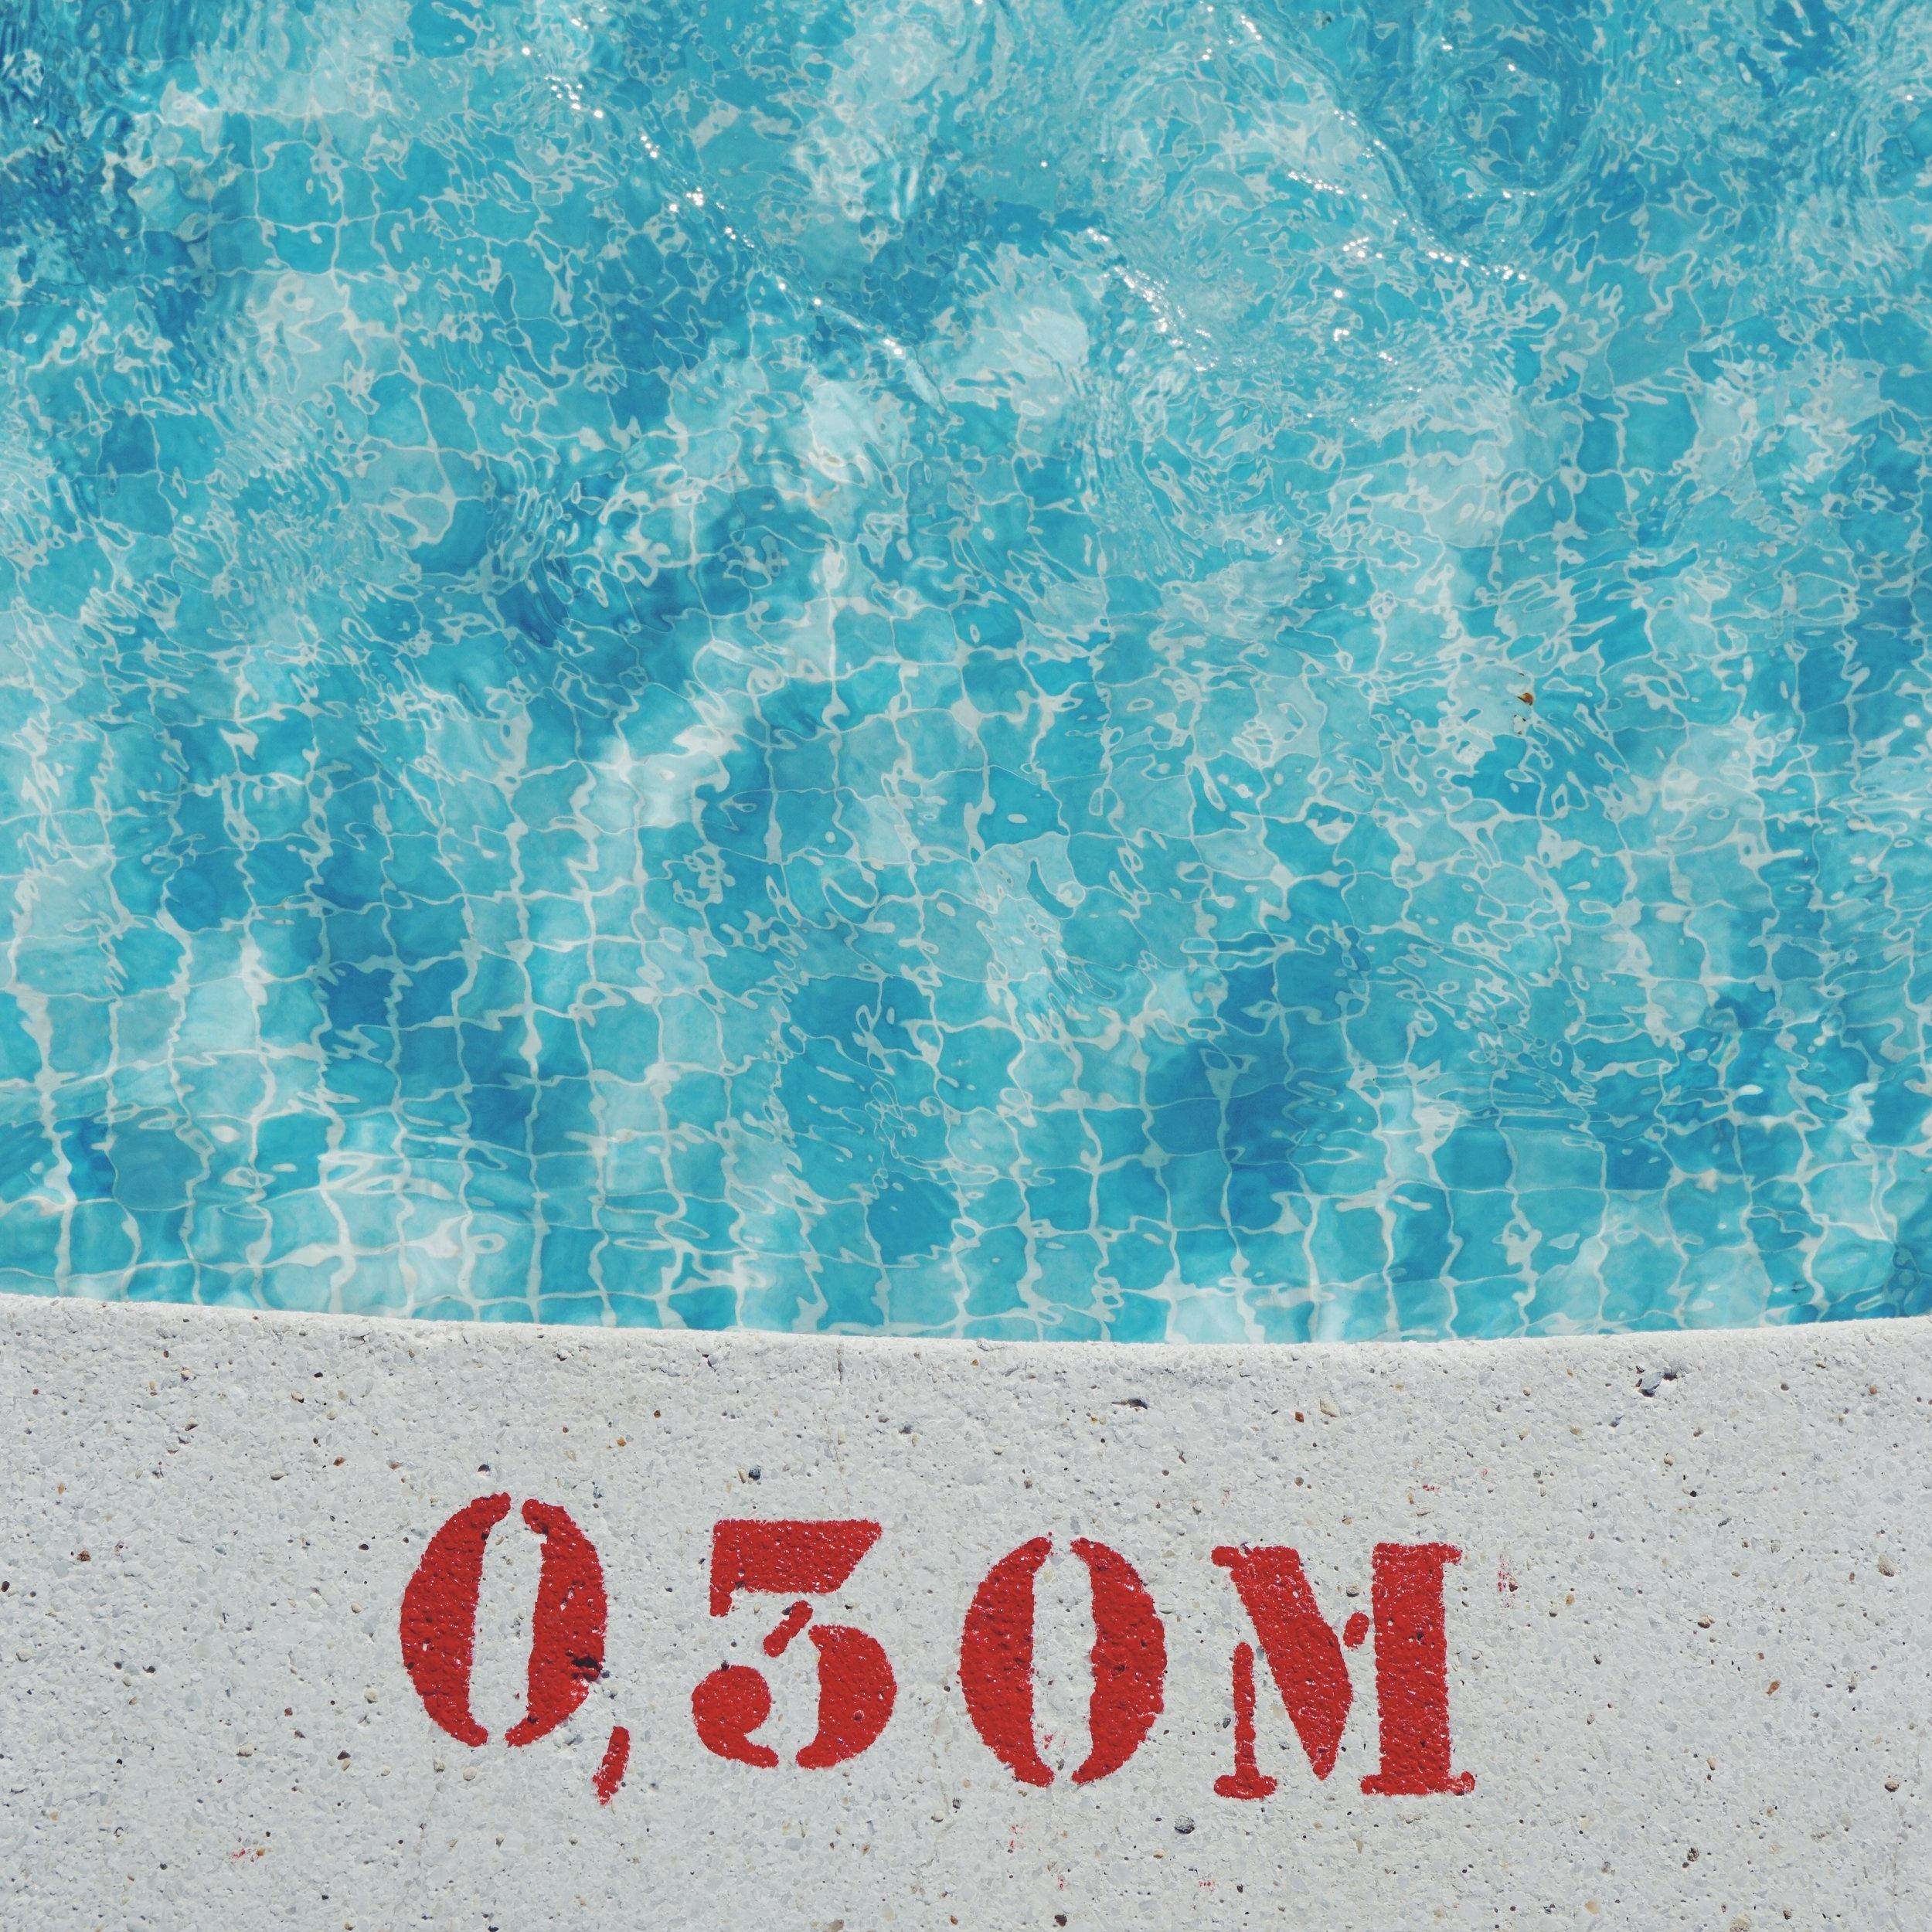 deep-end-swimming-pool.jpg